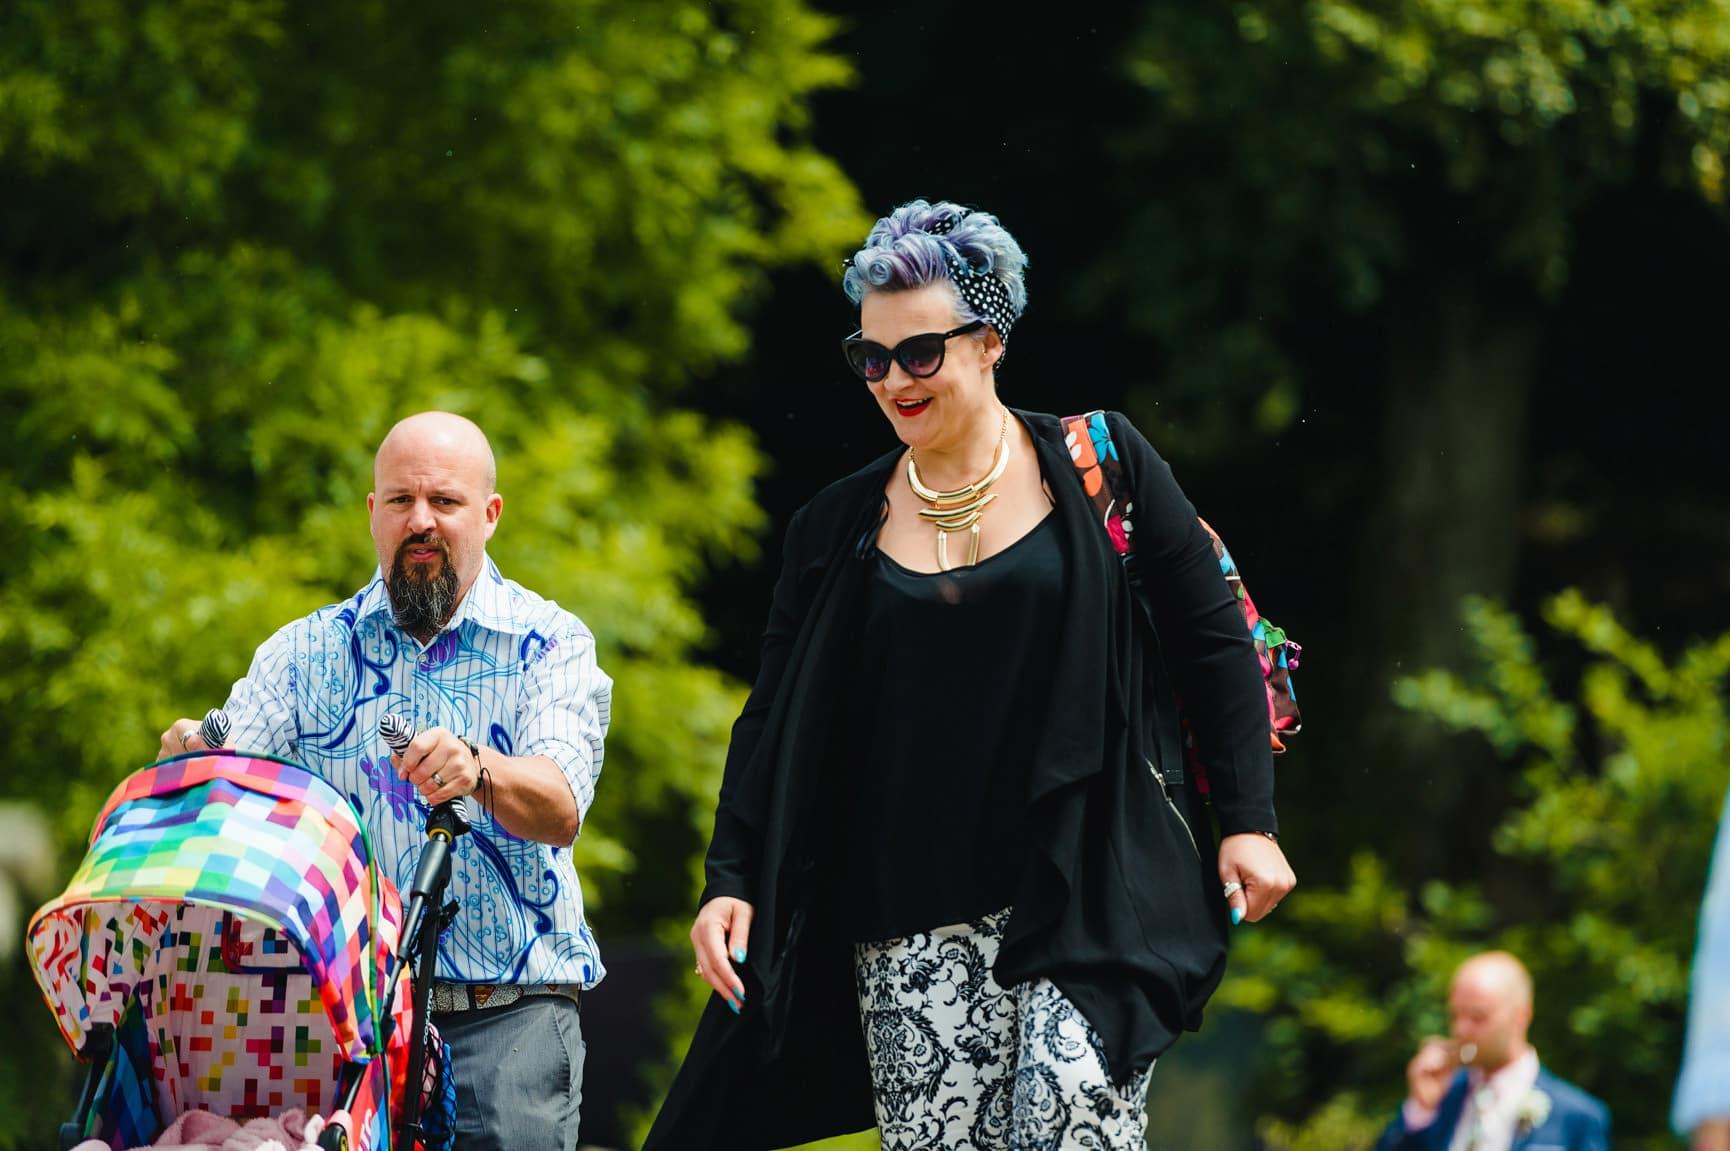 Fforest Wedding, Cardigan, Wales - Lauren and Gareth 89